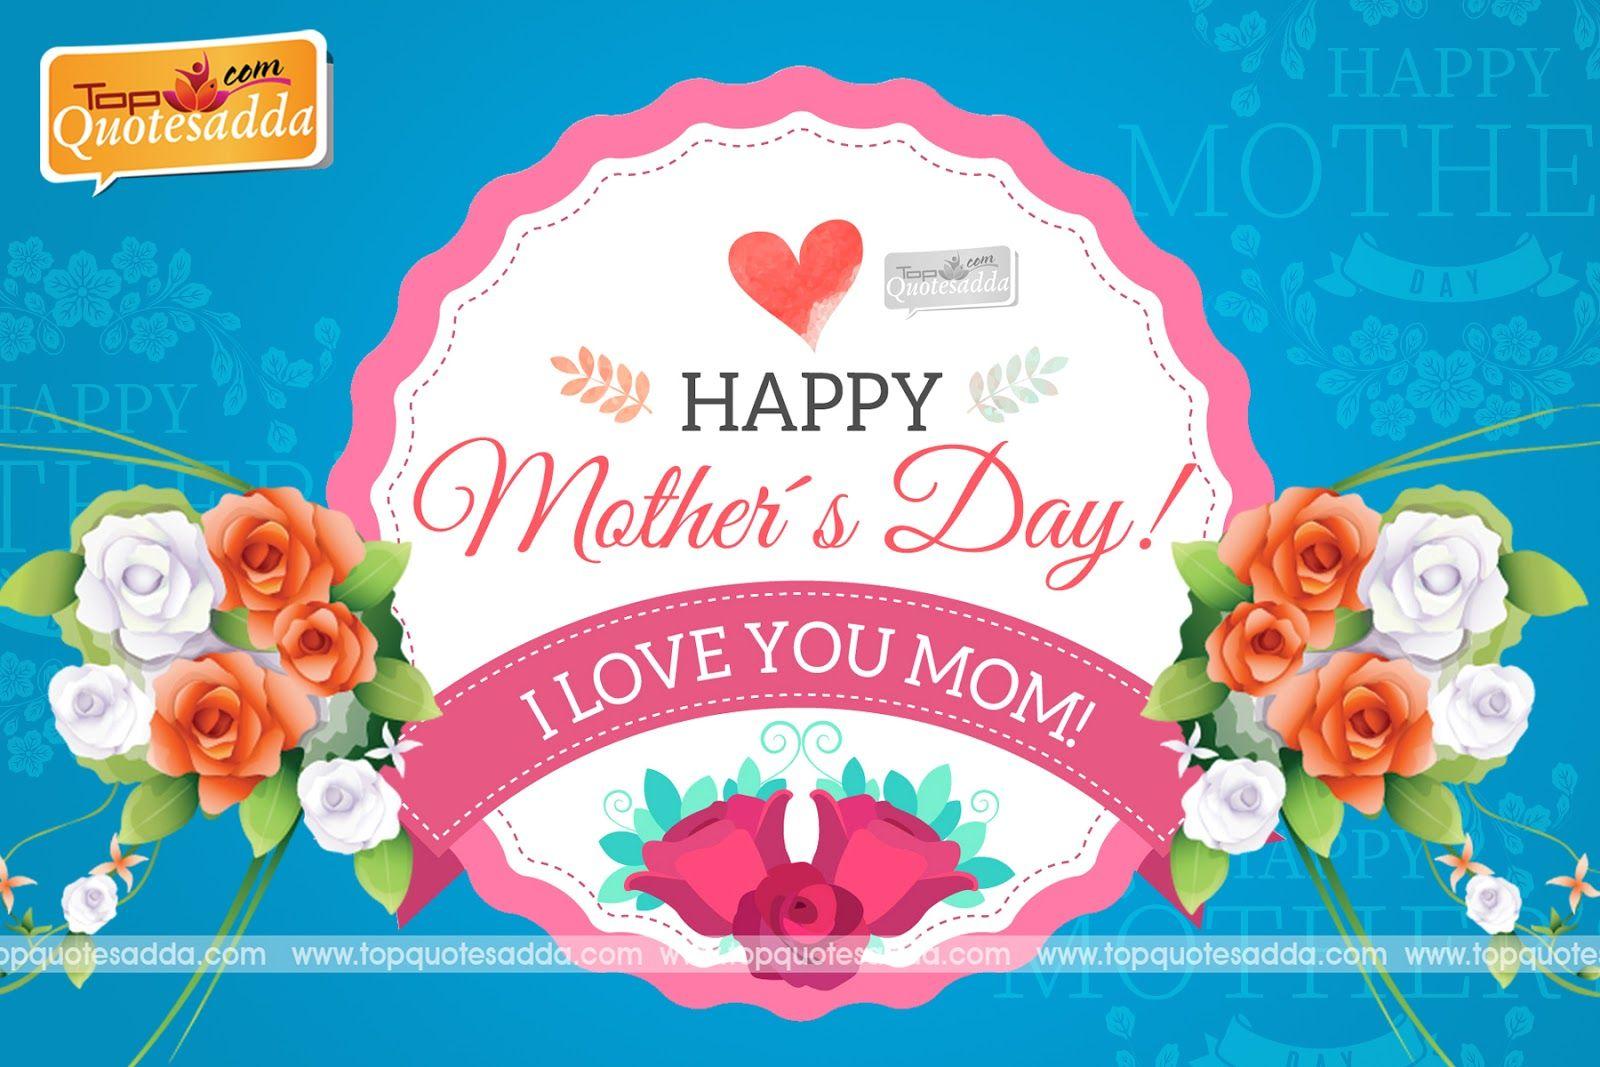 Topquotesadda Telugu Quotes Hindi Quotes Tamil Bengali Quotes Happy Mothers Day Mothers Day Quotes Happy Mother Day Quotes Happy Mothers Day Messages